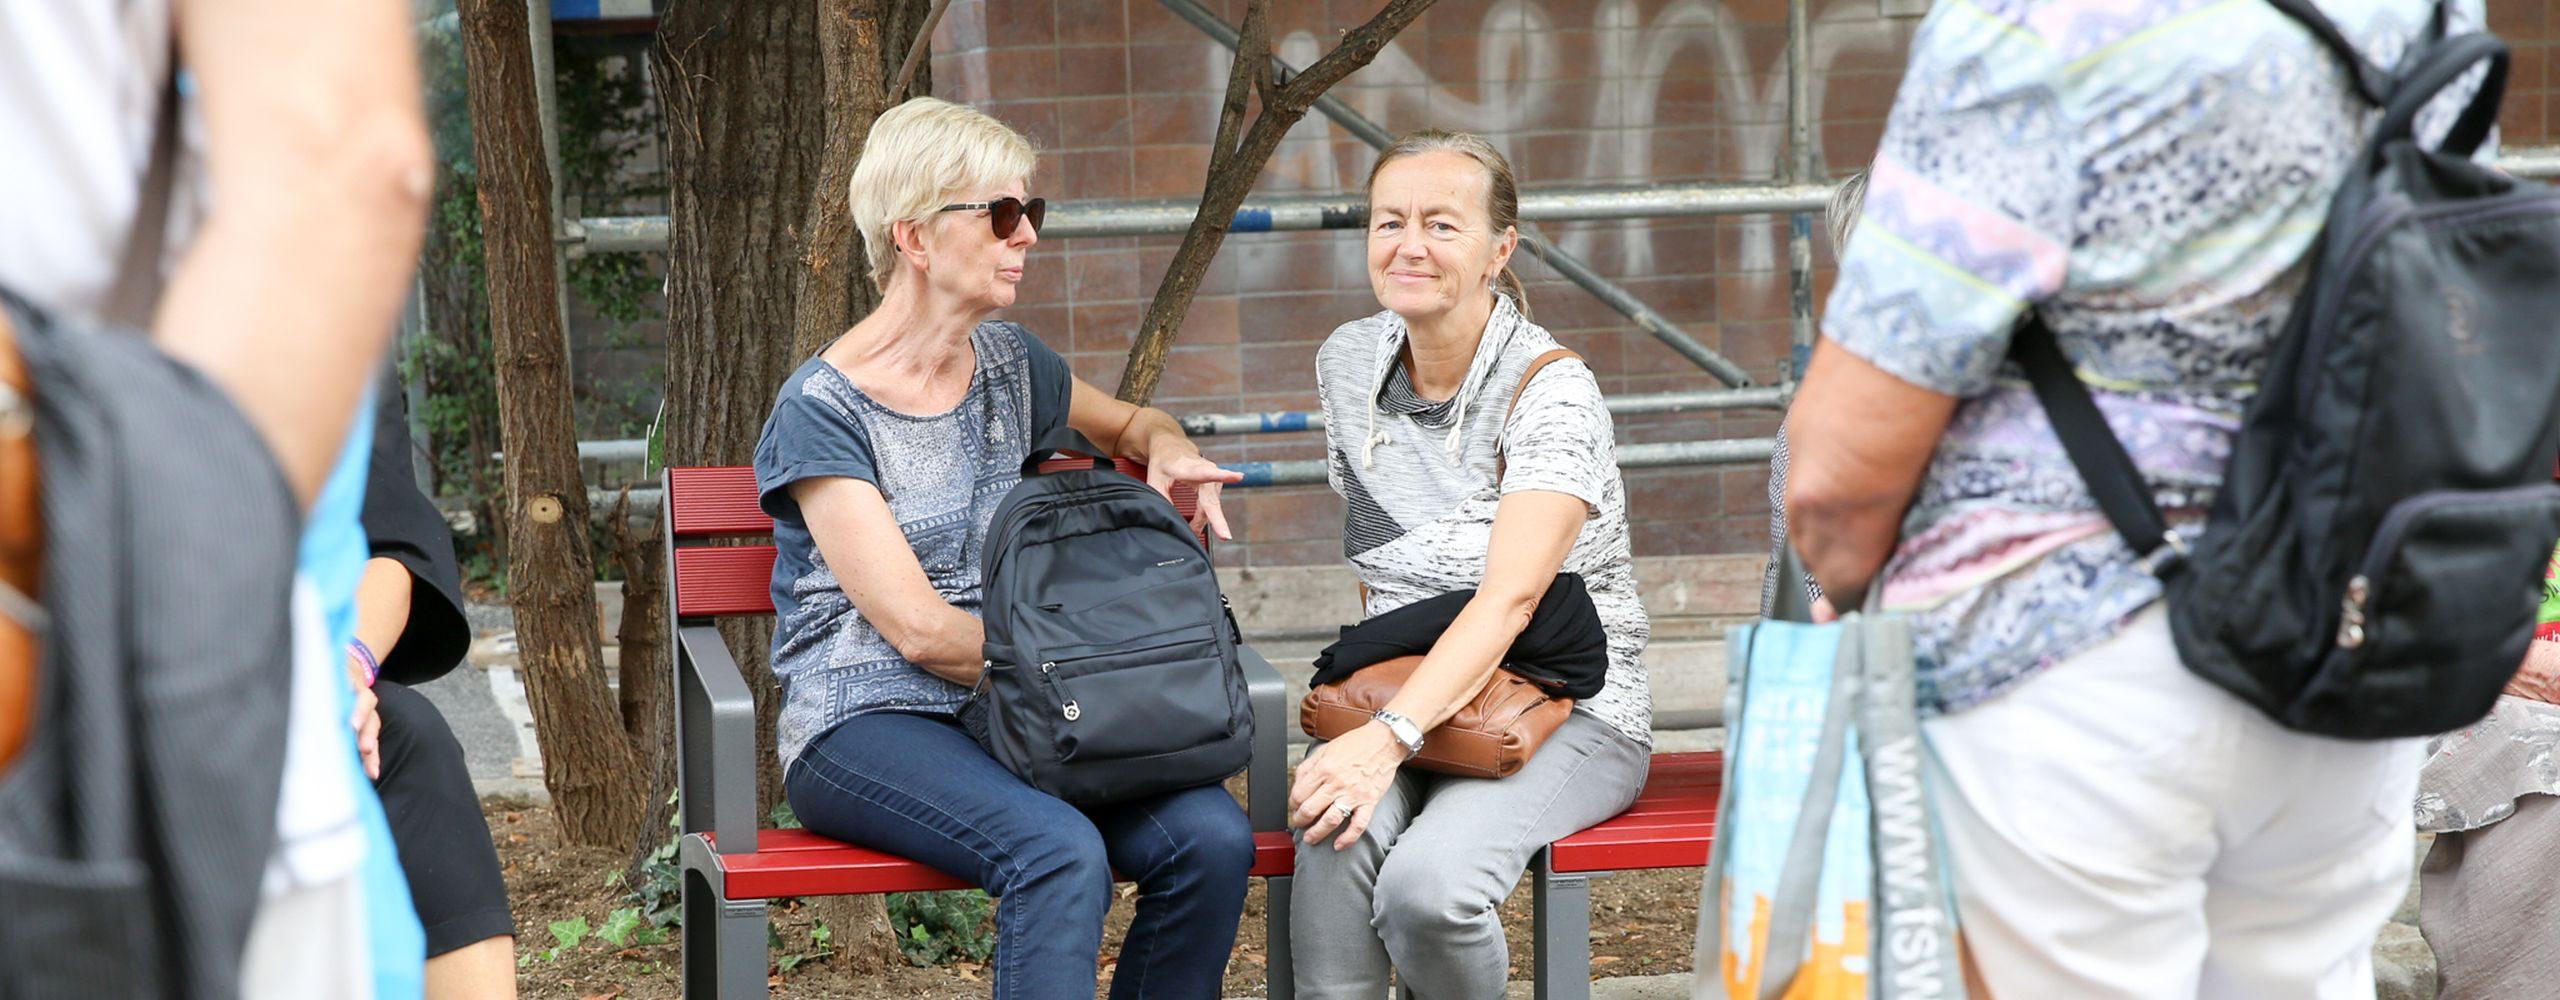 zwei Frauen sitzen auf einer roten Sitzbank. Foto: Mobilitätsagentur Wien/Christian Fürthner